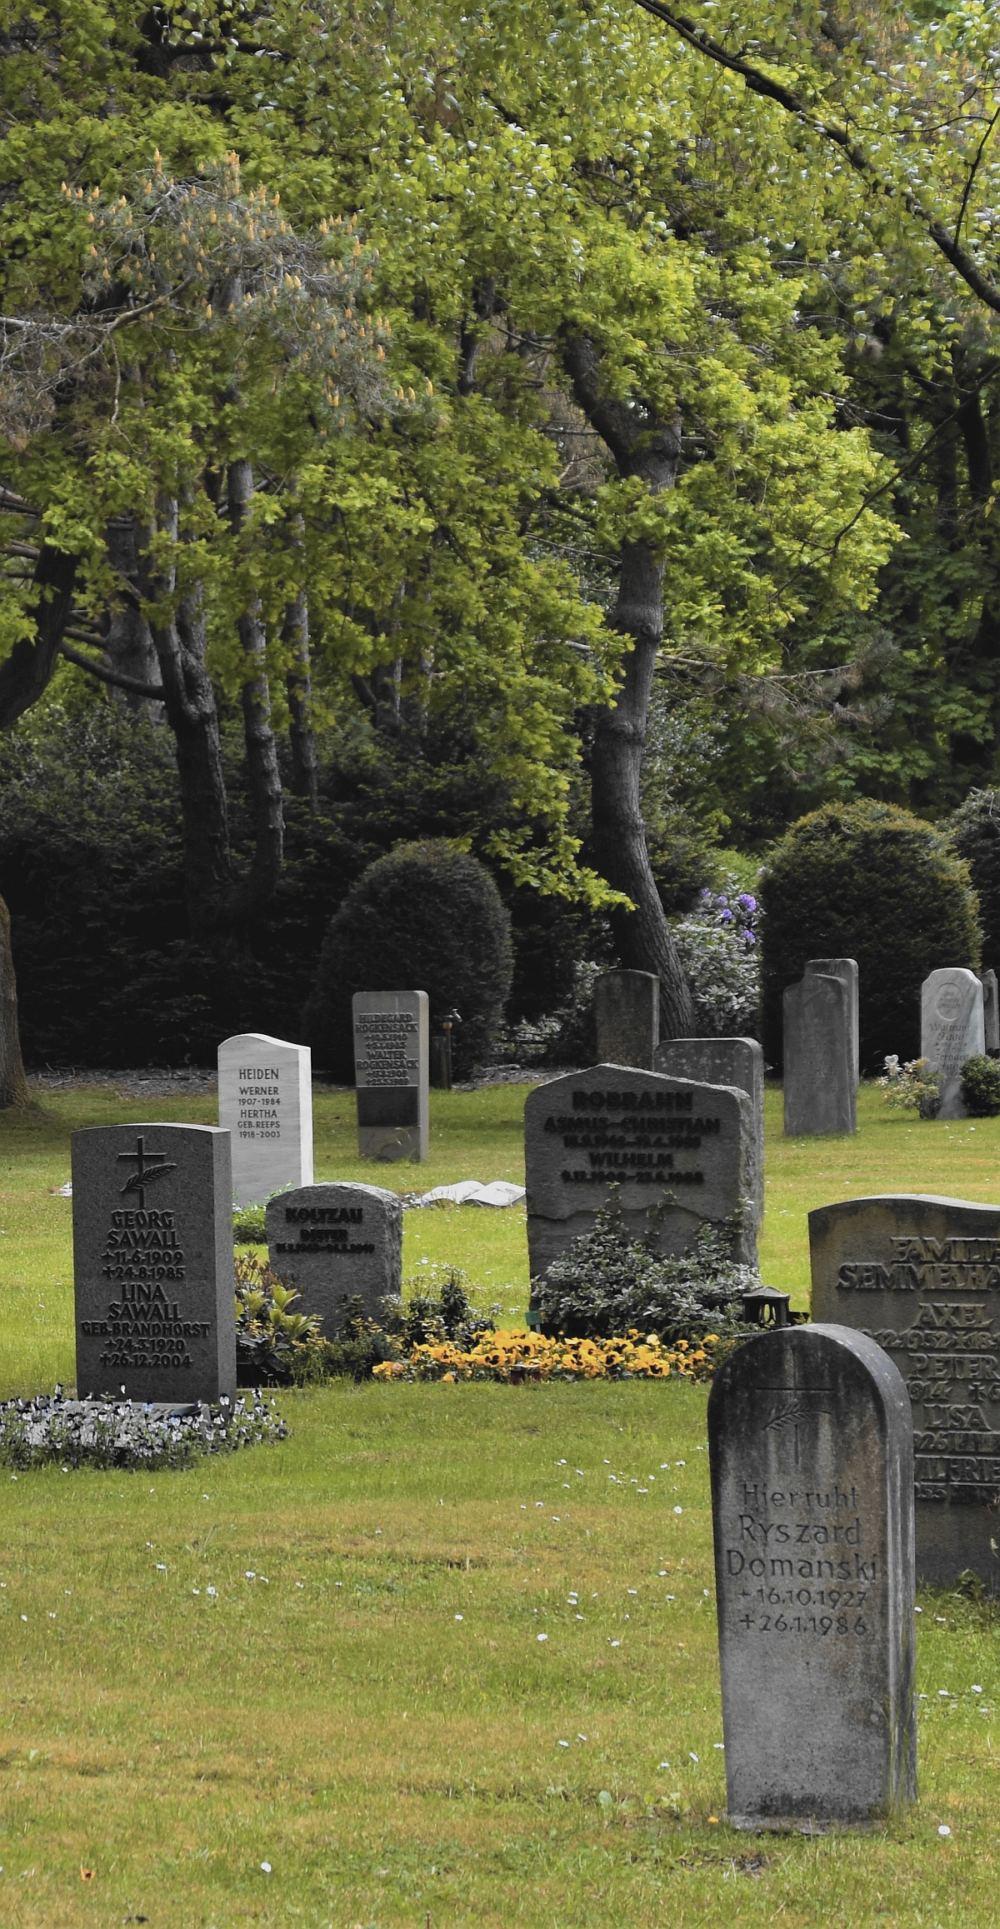 Friedhof, alte Bäume, Grabsteine